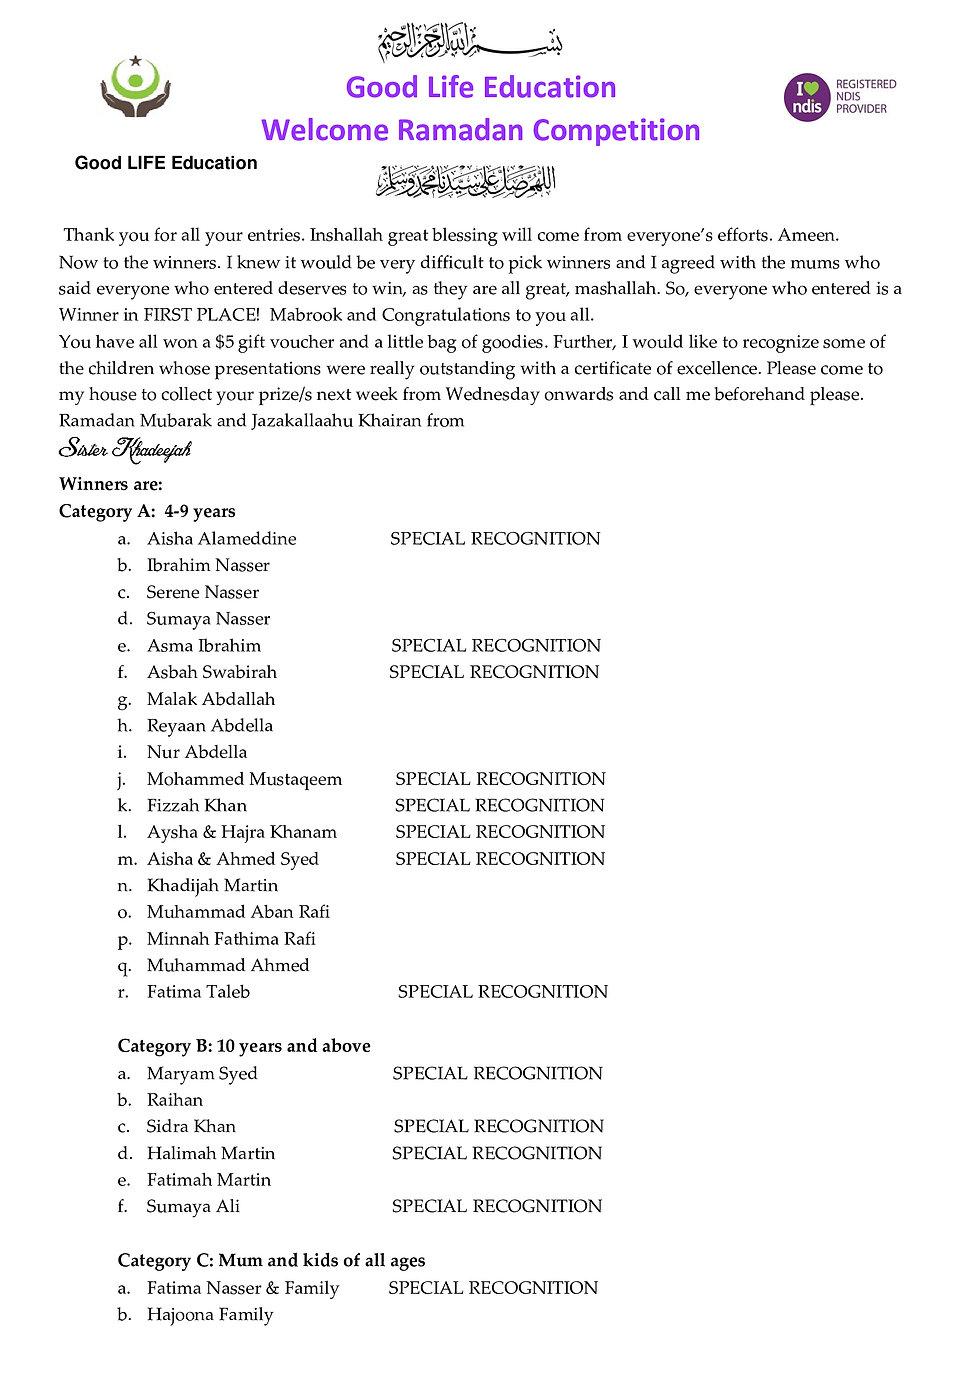 List-of-Welcome-Ramadan-Winners-2020.jpg